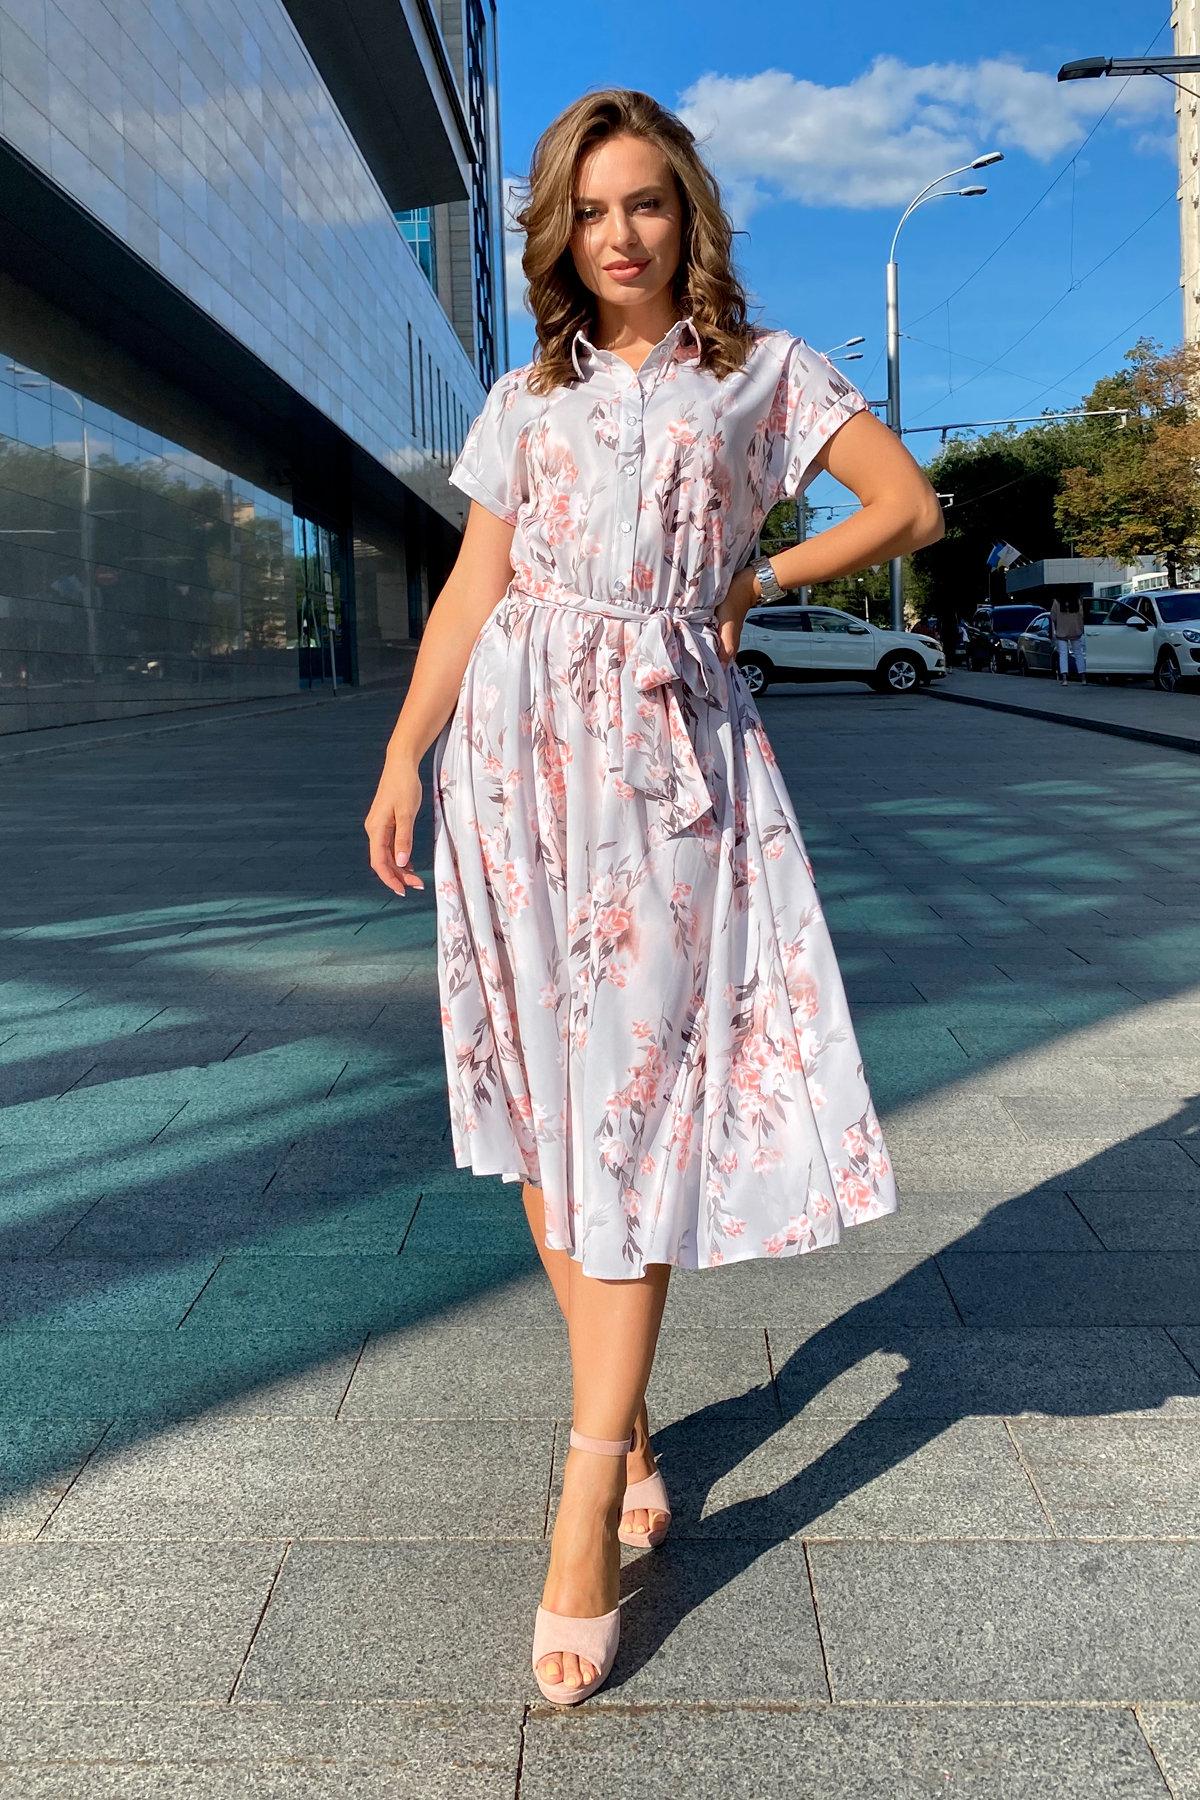 Платье Санжар 9090 АРТ. 45968 Цвет: Цветы на ветке серый/пудра - фото 2, интернет магазин tm-modus.ru